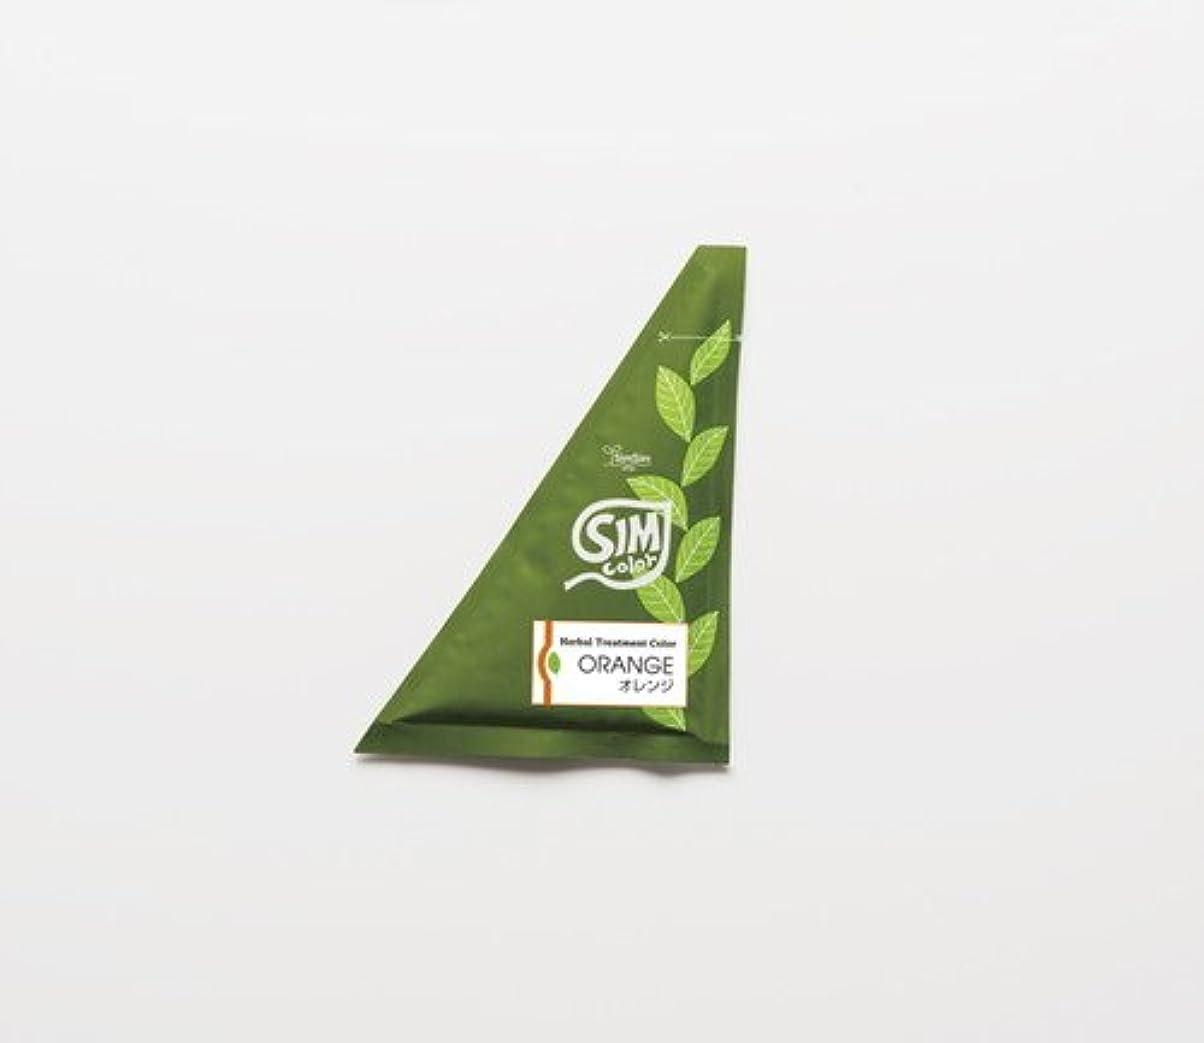 おしゃれじゃないたっぷり外国人SimSim(シムシム)お手軽簡単シムカラーエクストラ(EX)25g 2袋 オレンジ